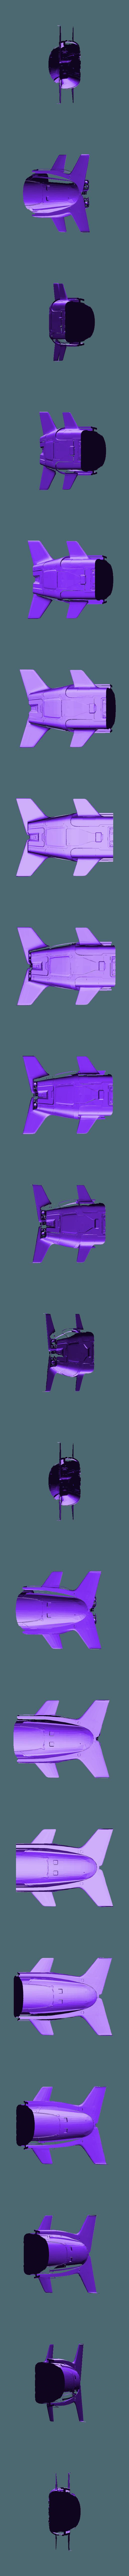 Dolphin_Back.stl Télécharger fichier STL gratuit Dauphin 2 Part (Elite Dangereuse) • Plan pour imprimante 3D, Kahnindustries